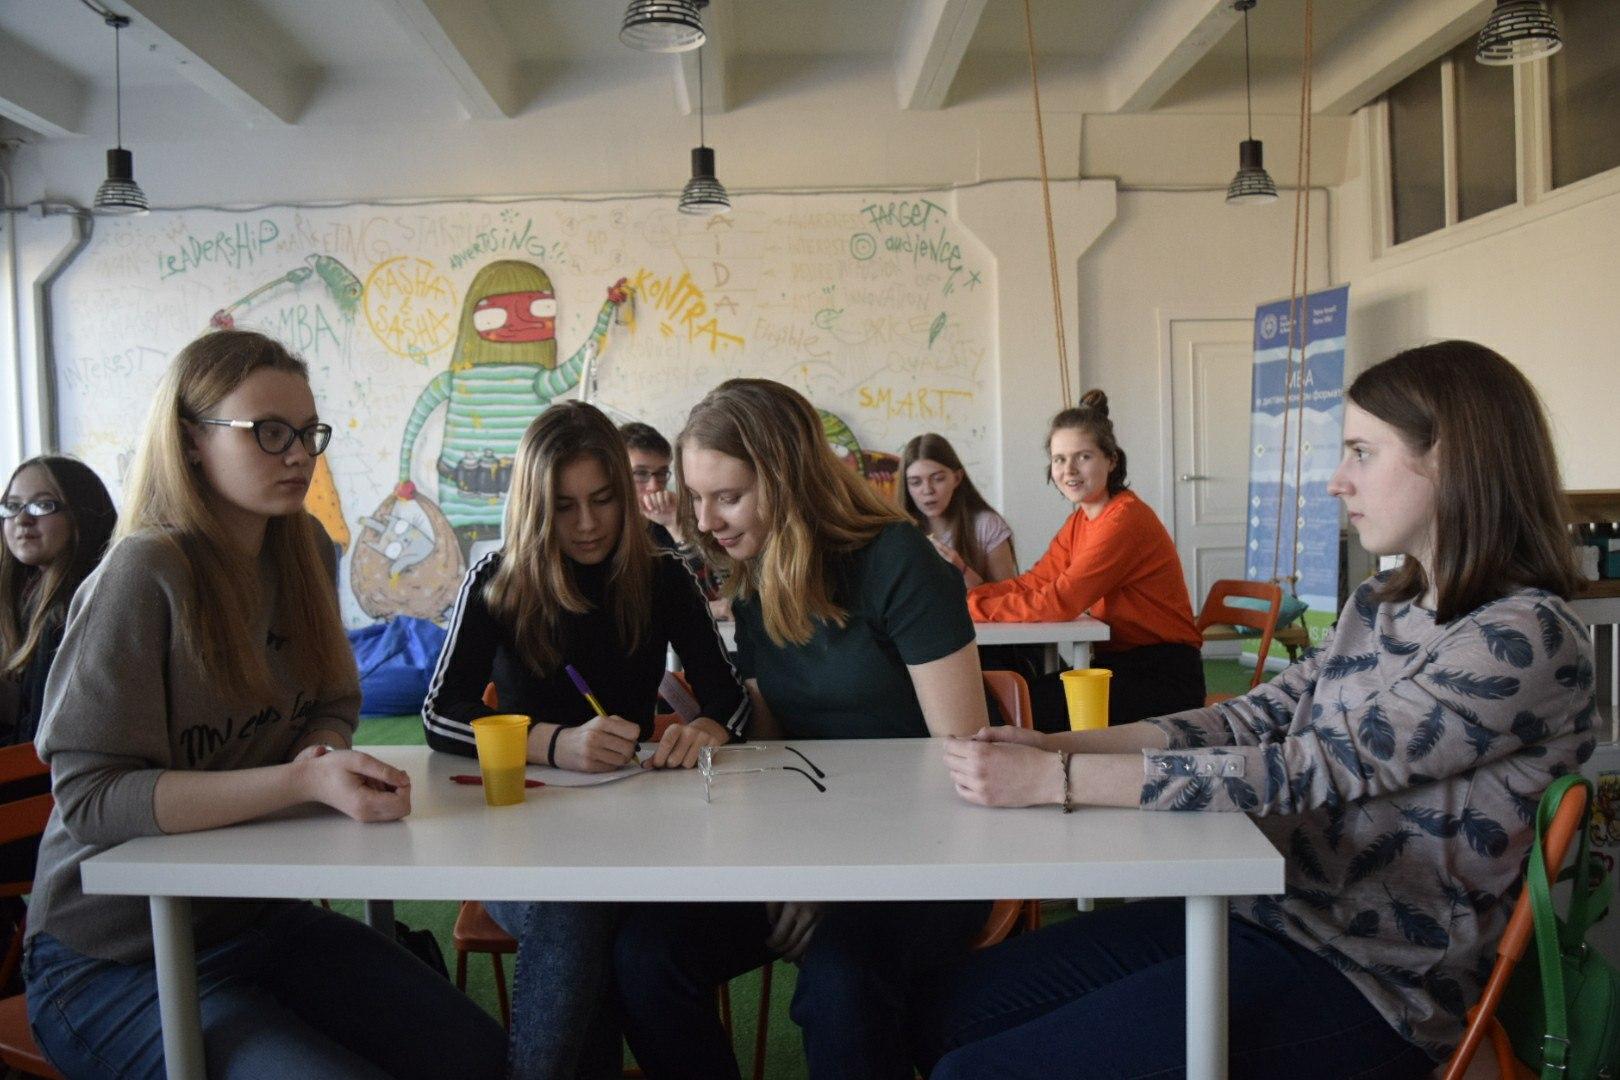 Фото из сообщества Хайп Квиз/ Hype Quiz/ Квизы для подростков Минск ВКонтакте